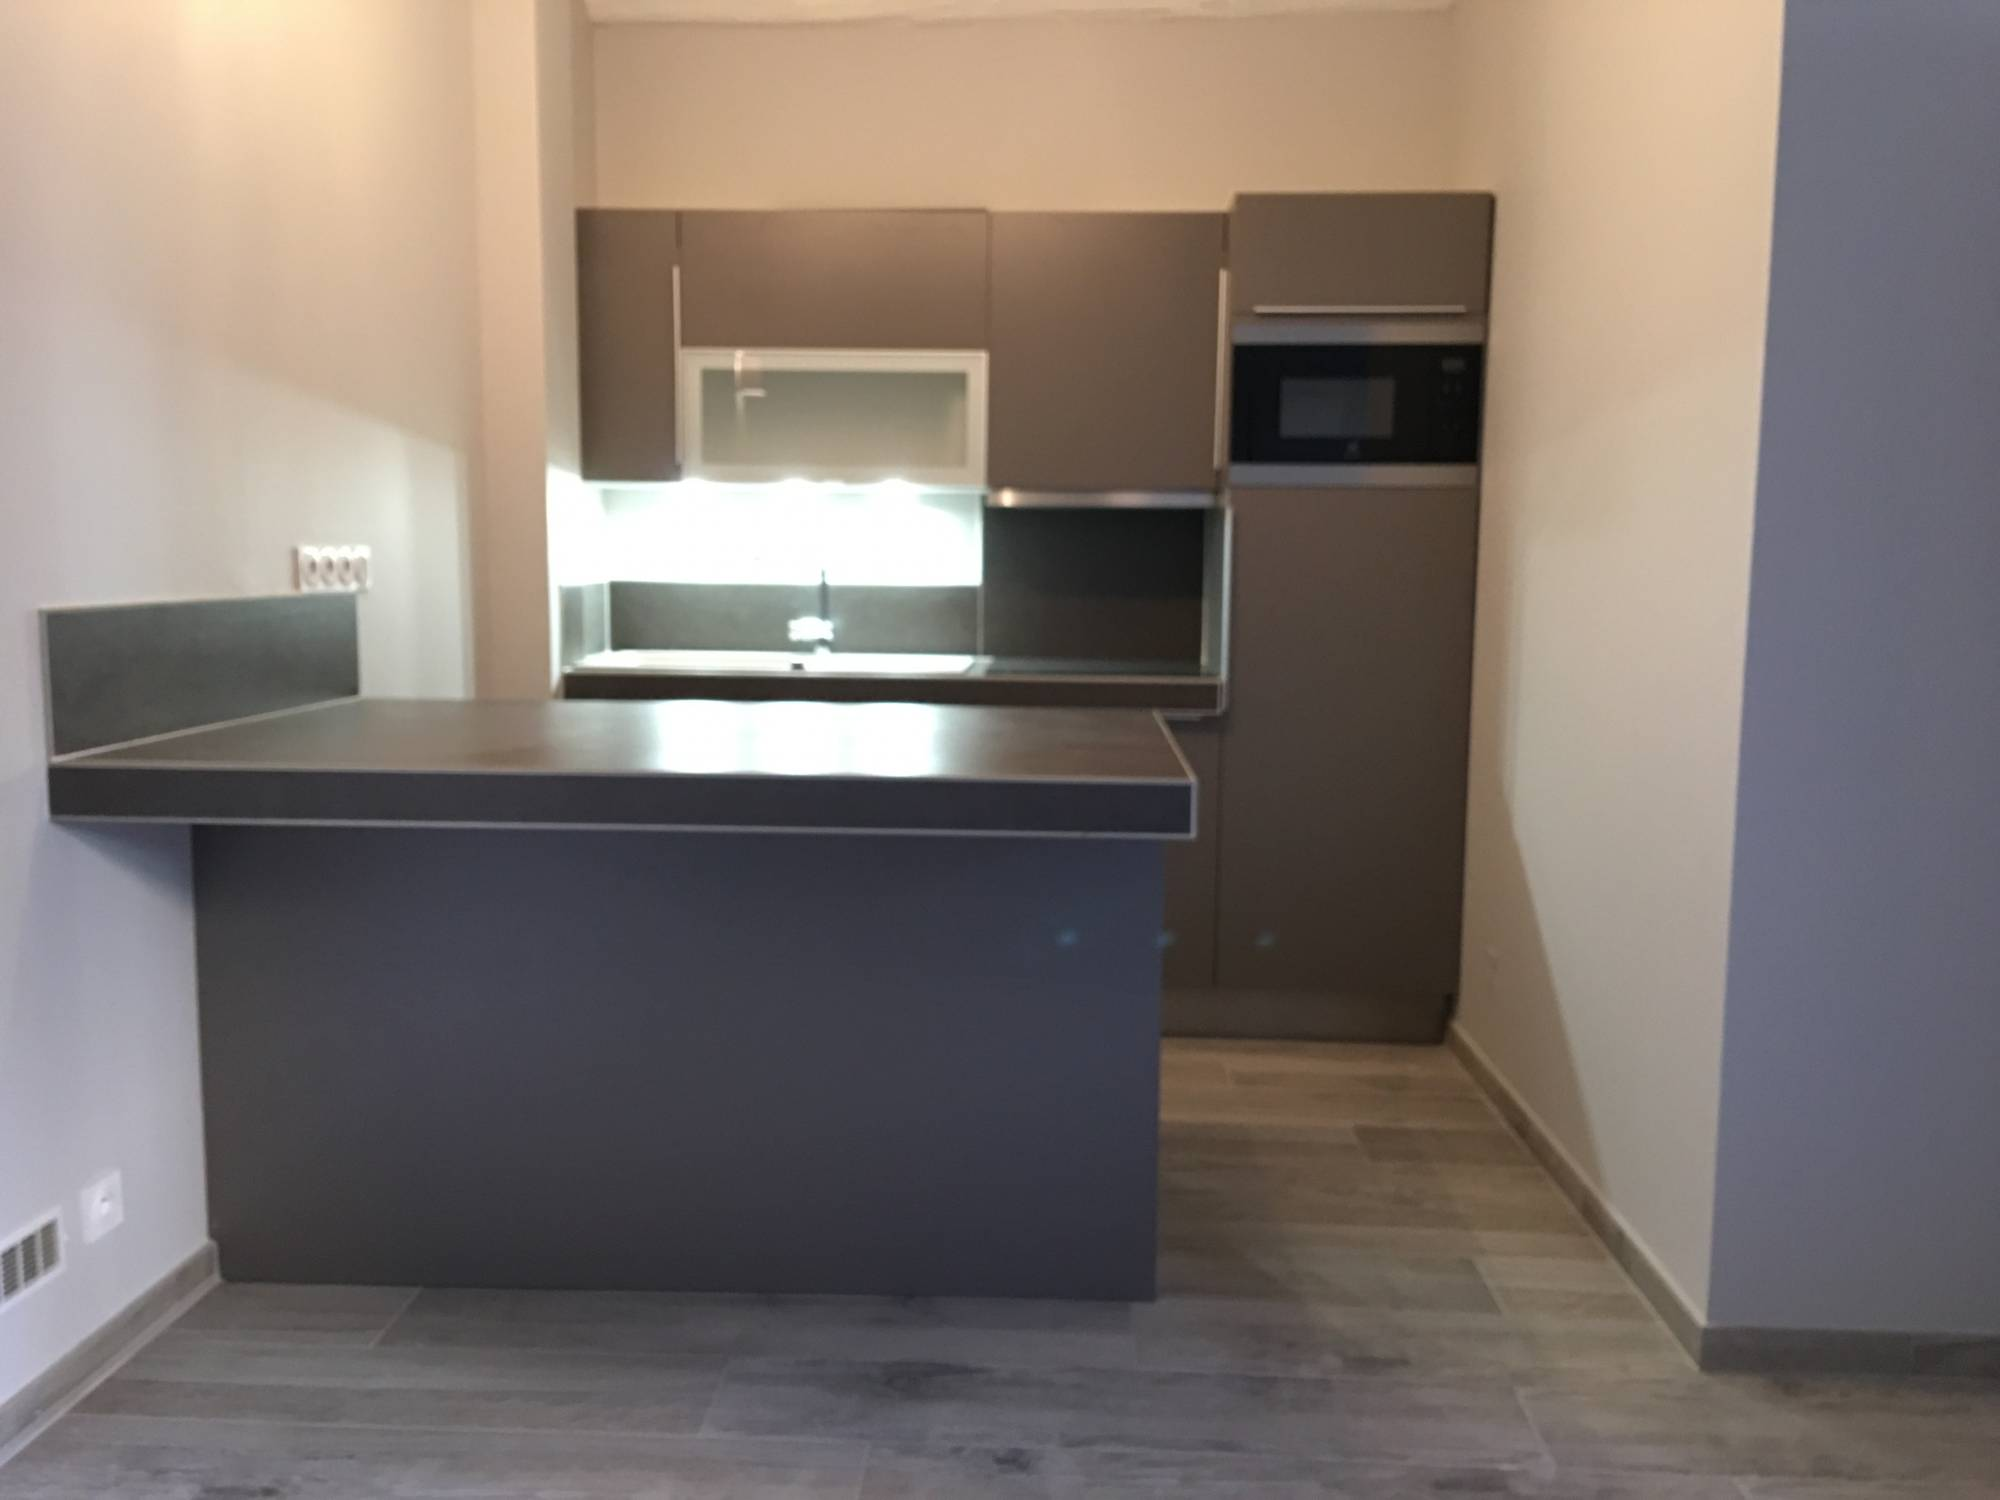 Cr ation d 39 une cuisine sur mesure en plein centre d 39 aix en for Aix en provence cuisine